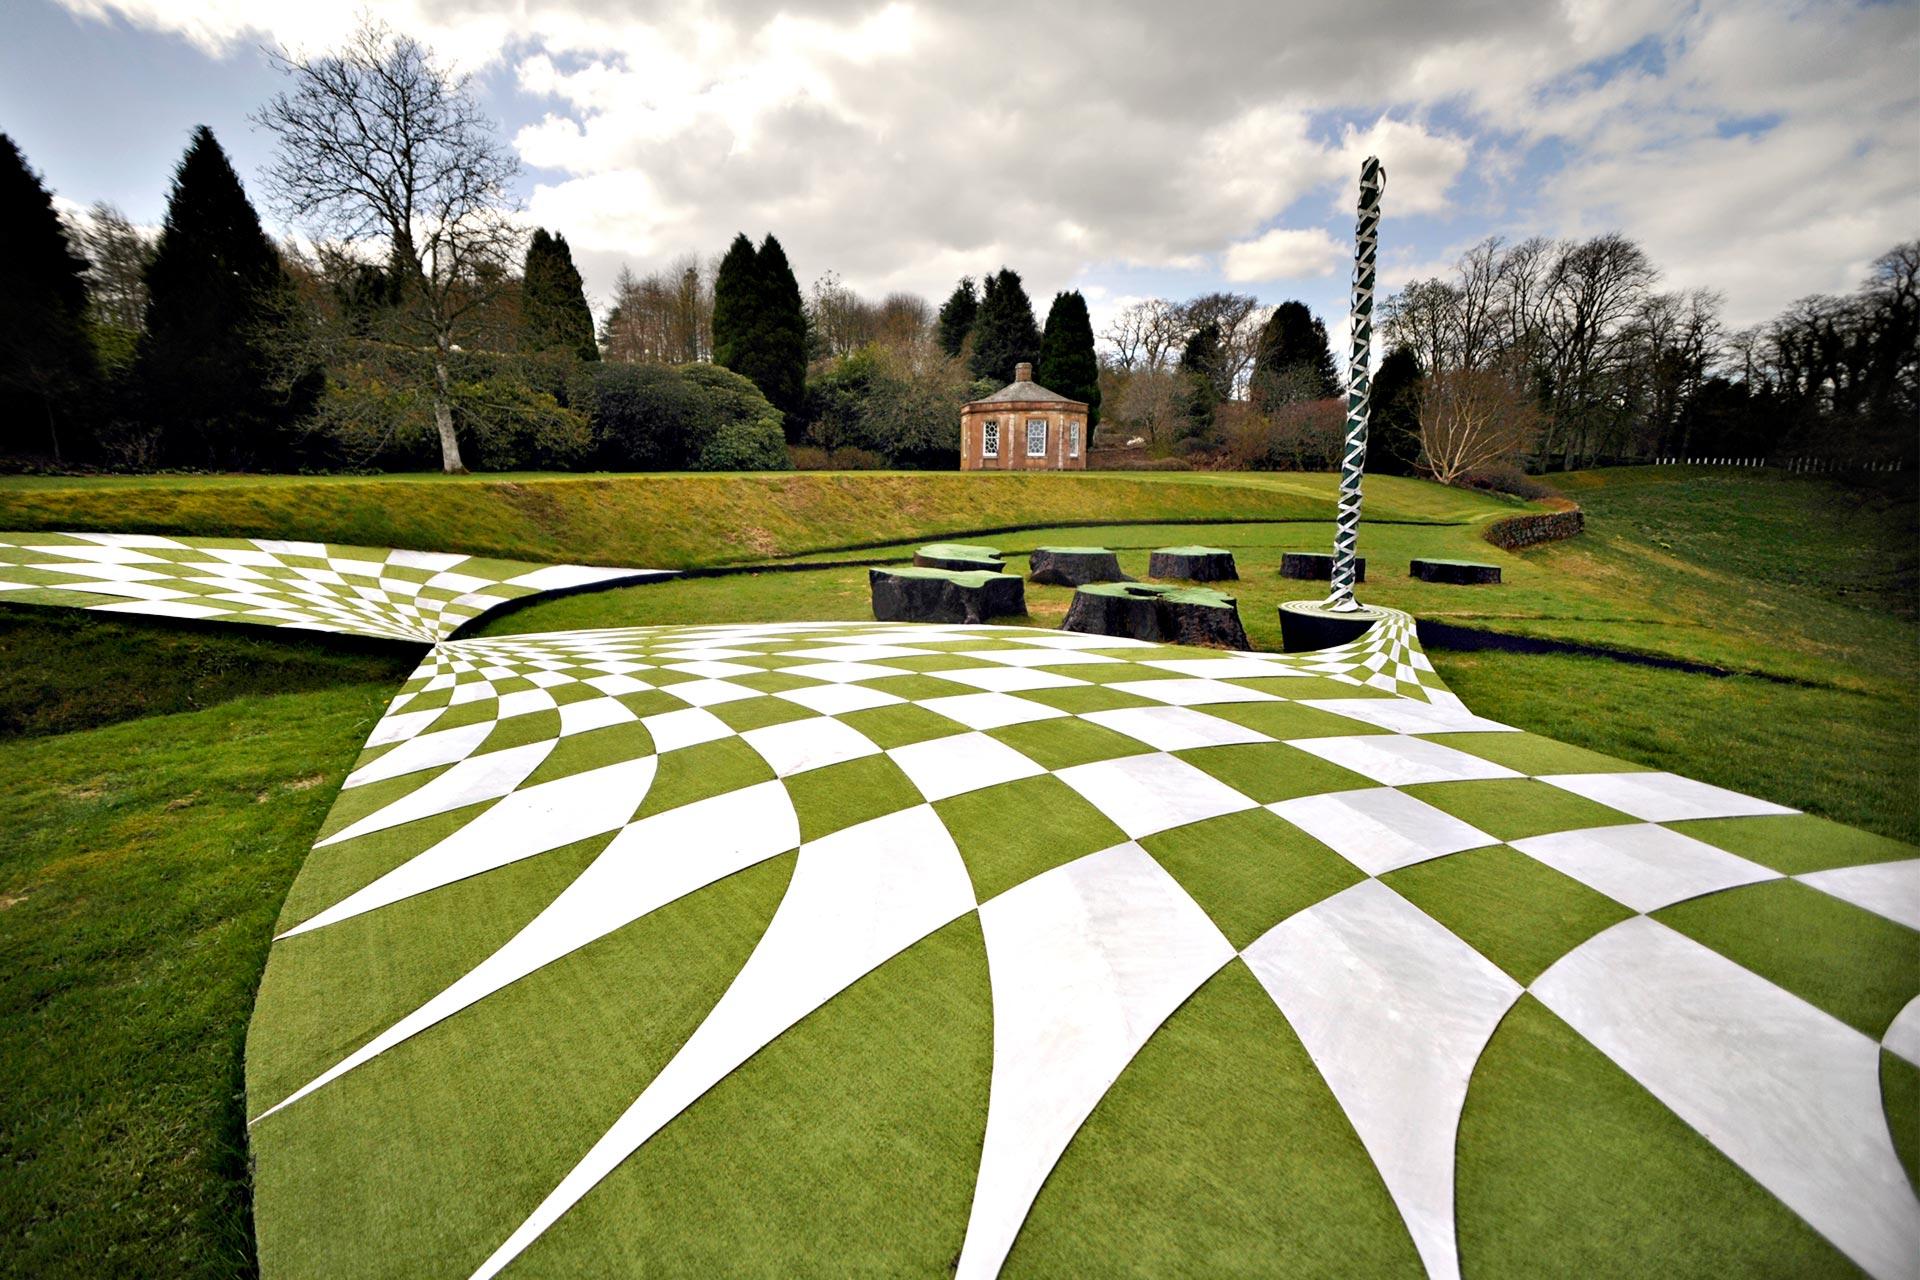 نتيجة بحث الصور عن حديقة التكهنات الكونية، دومفريز، اسكتلندا: